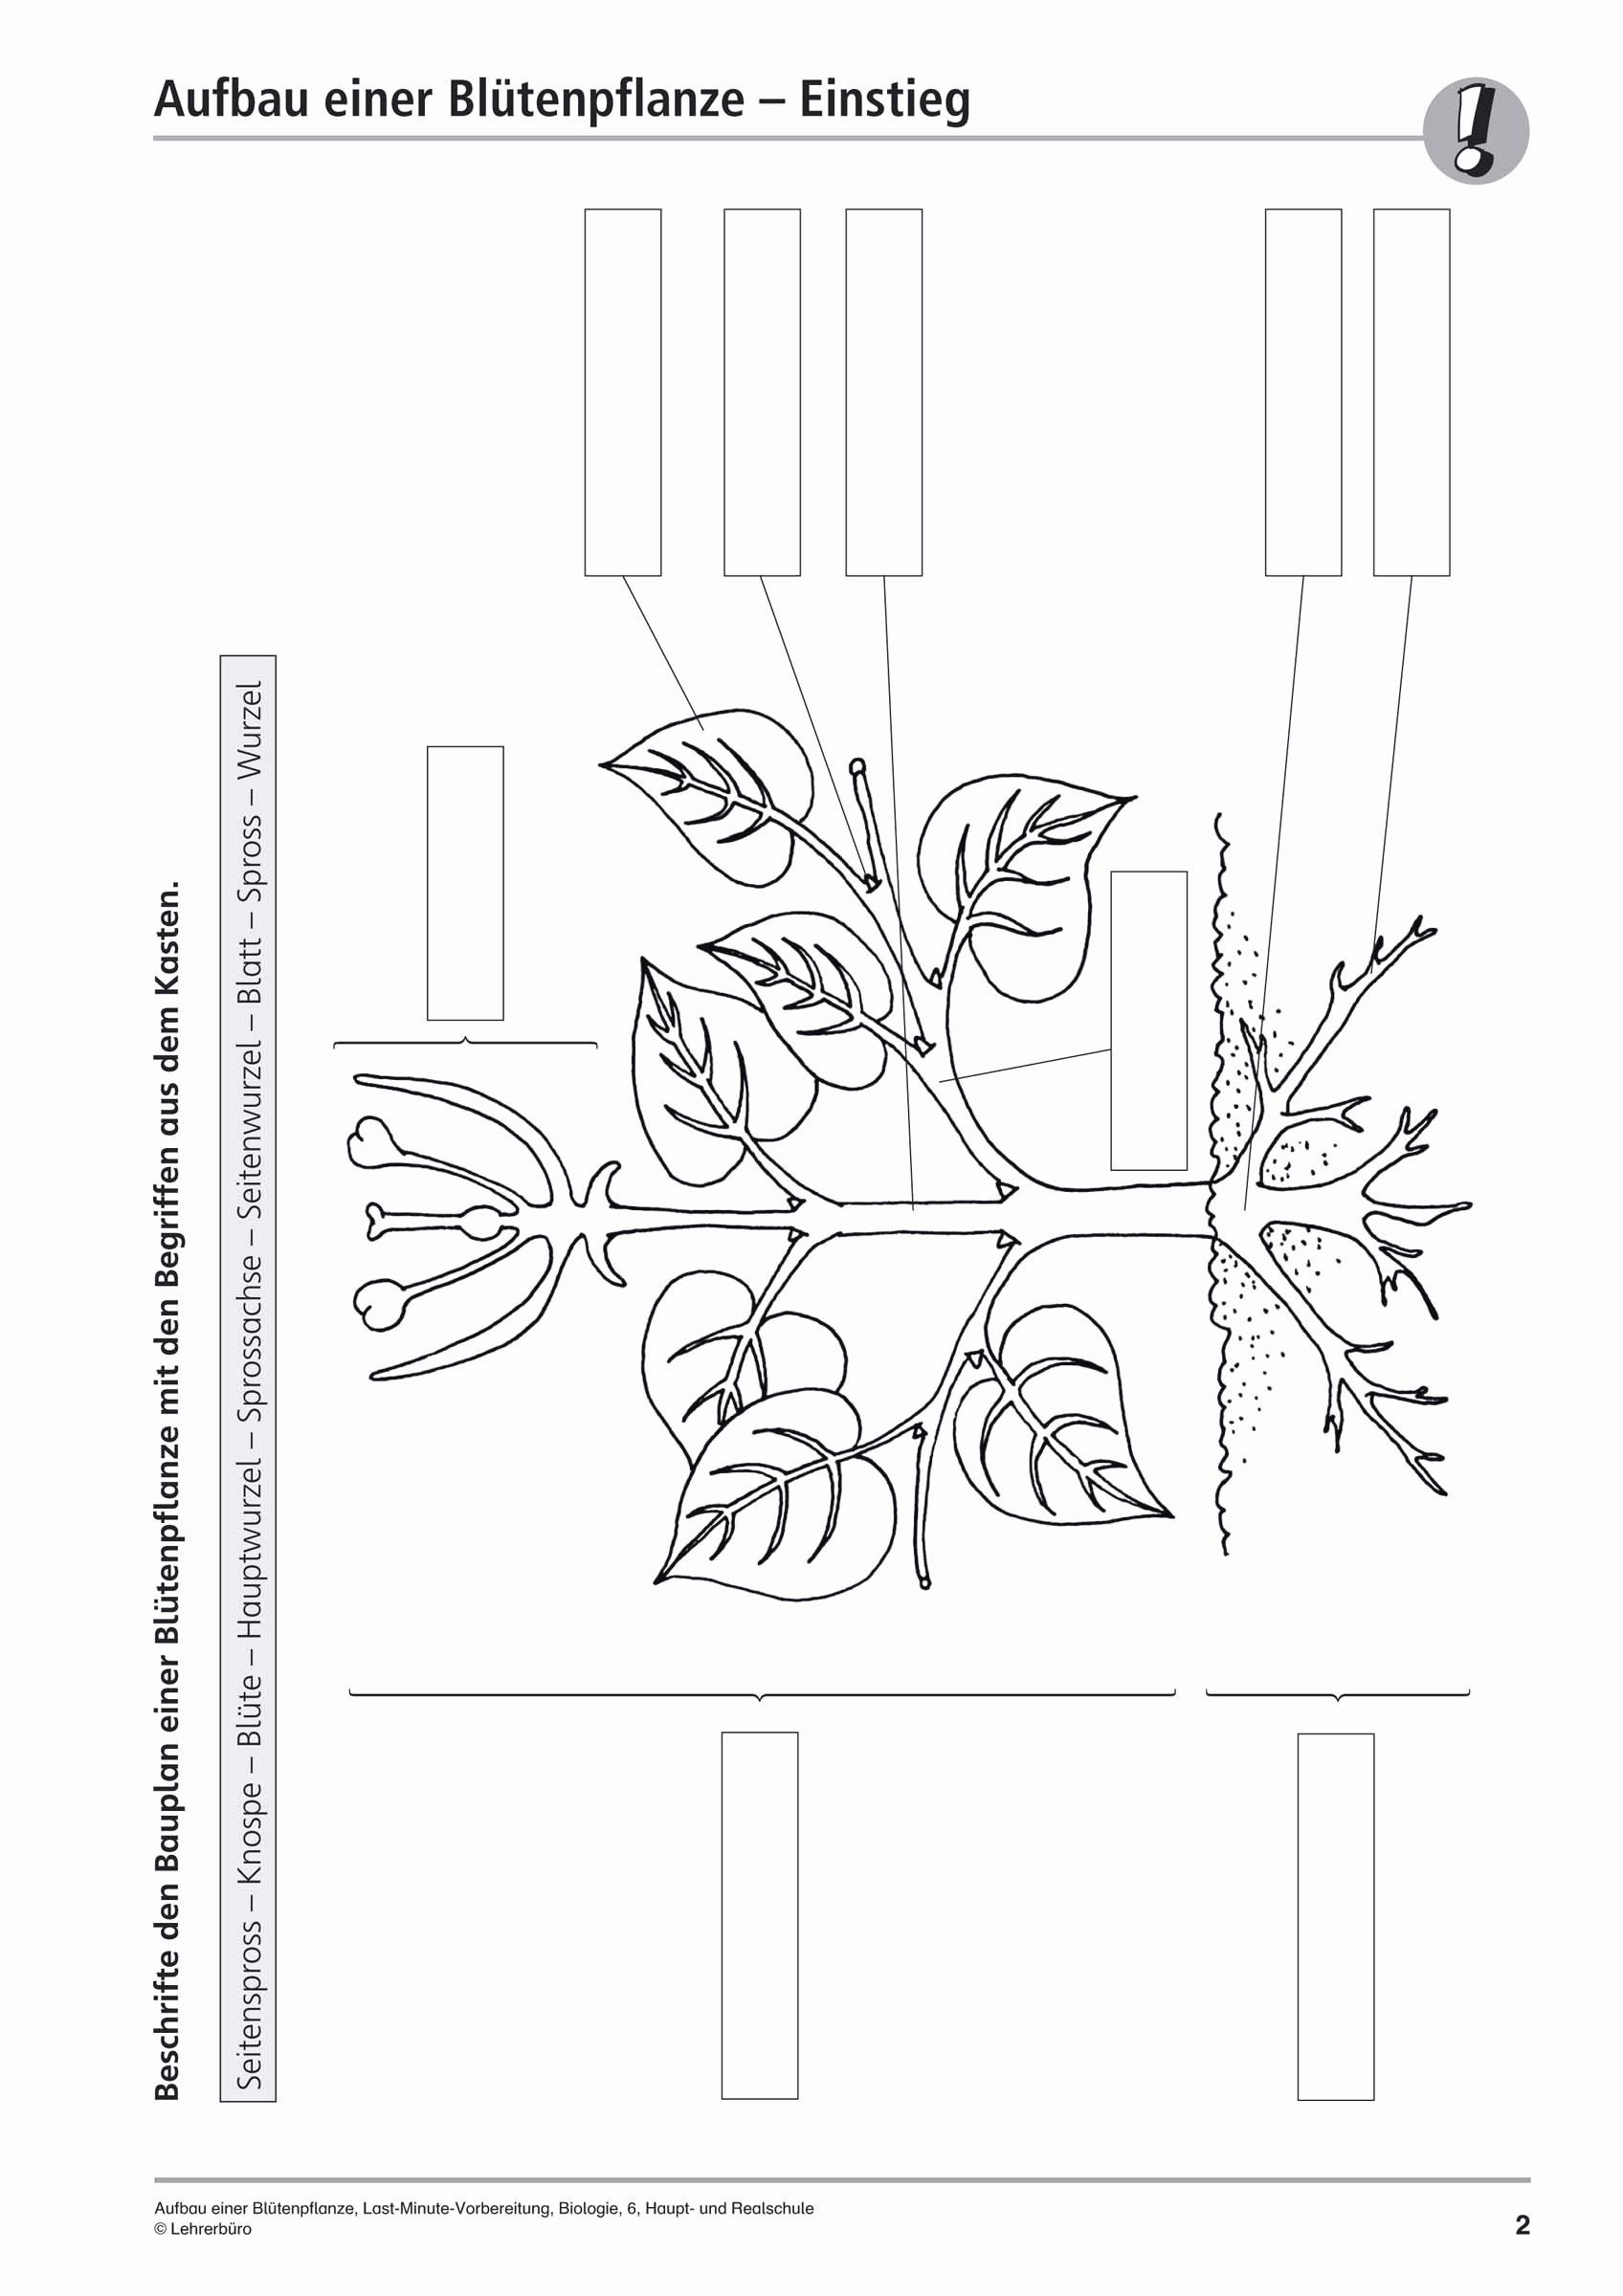 Biologie Deckblatt Zum Ausmalen Das Beste Von 59 Kollektionen Von Designs Von Deckblätter Vorlagen Schule Galerie